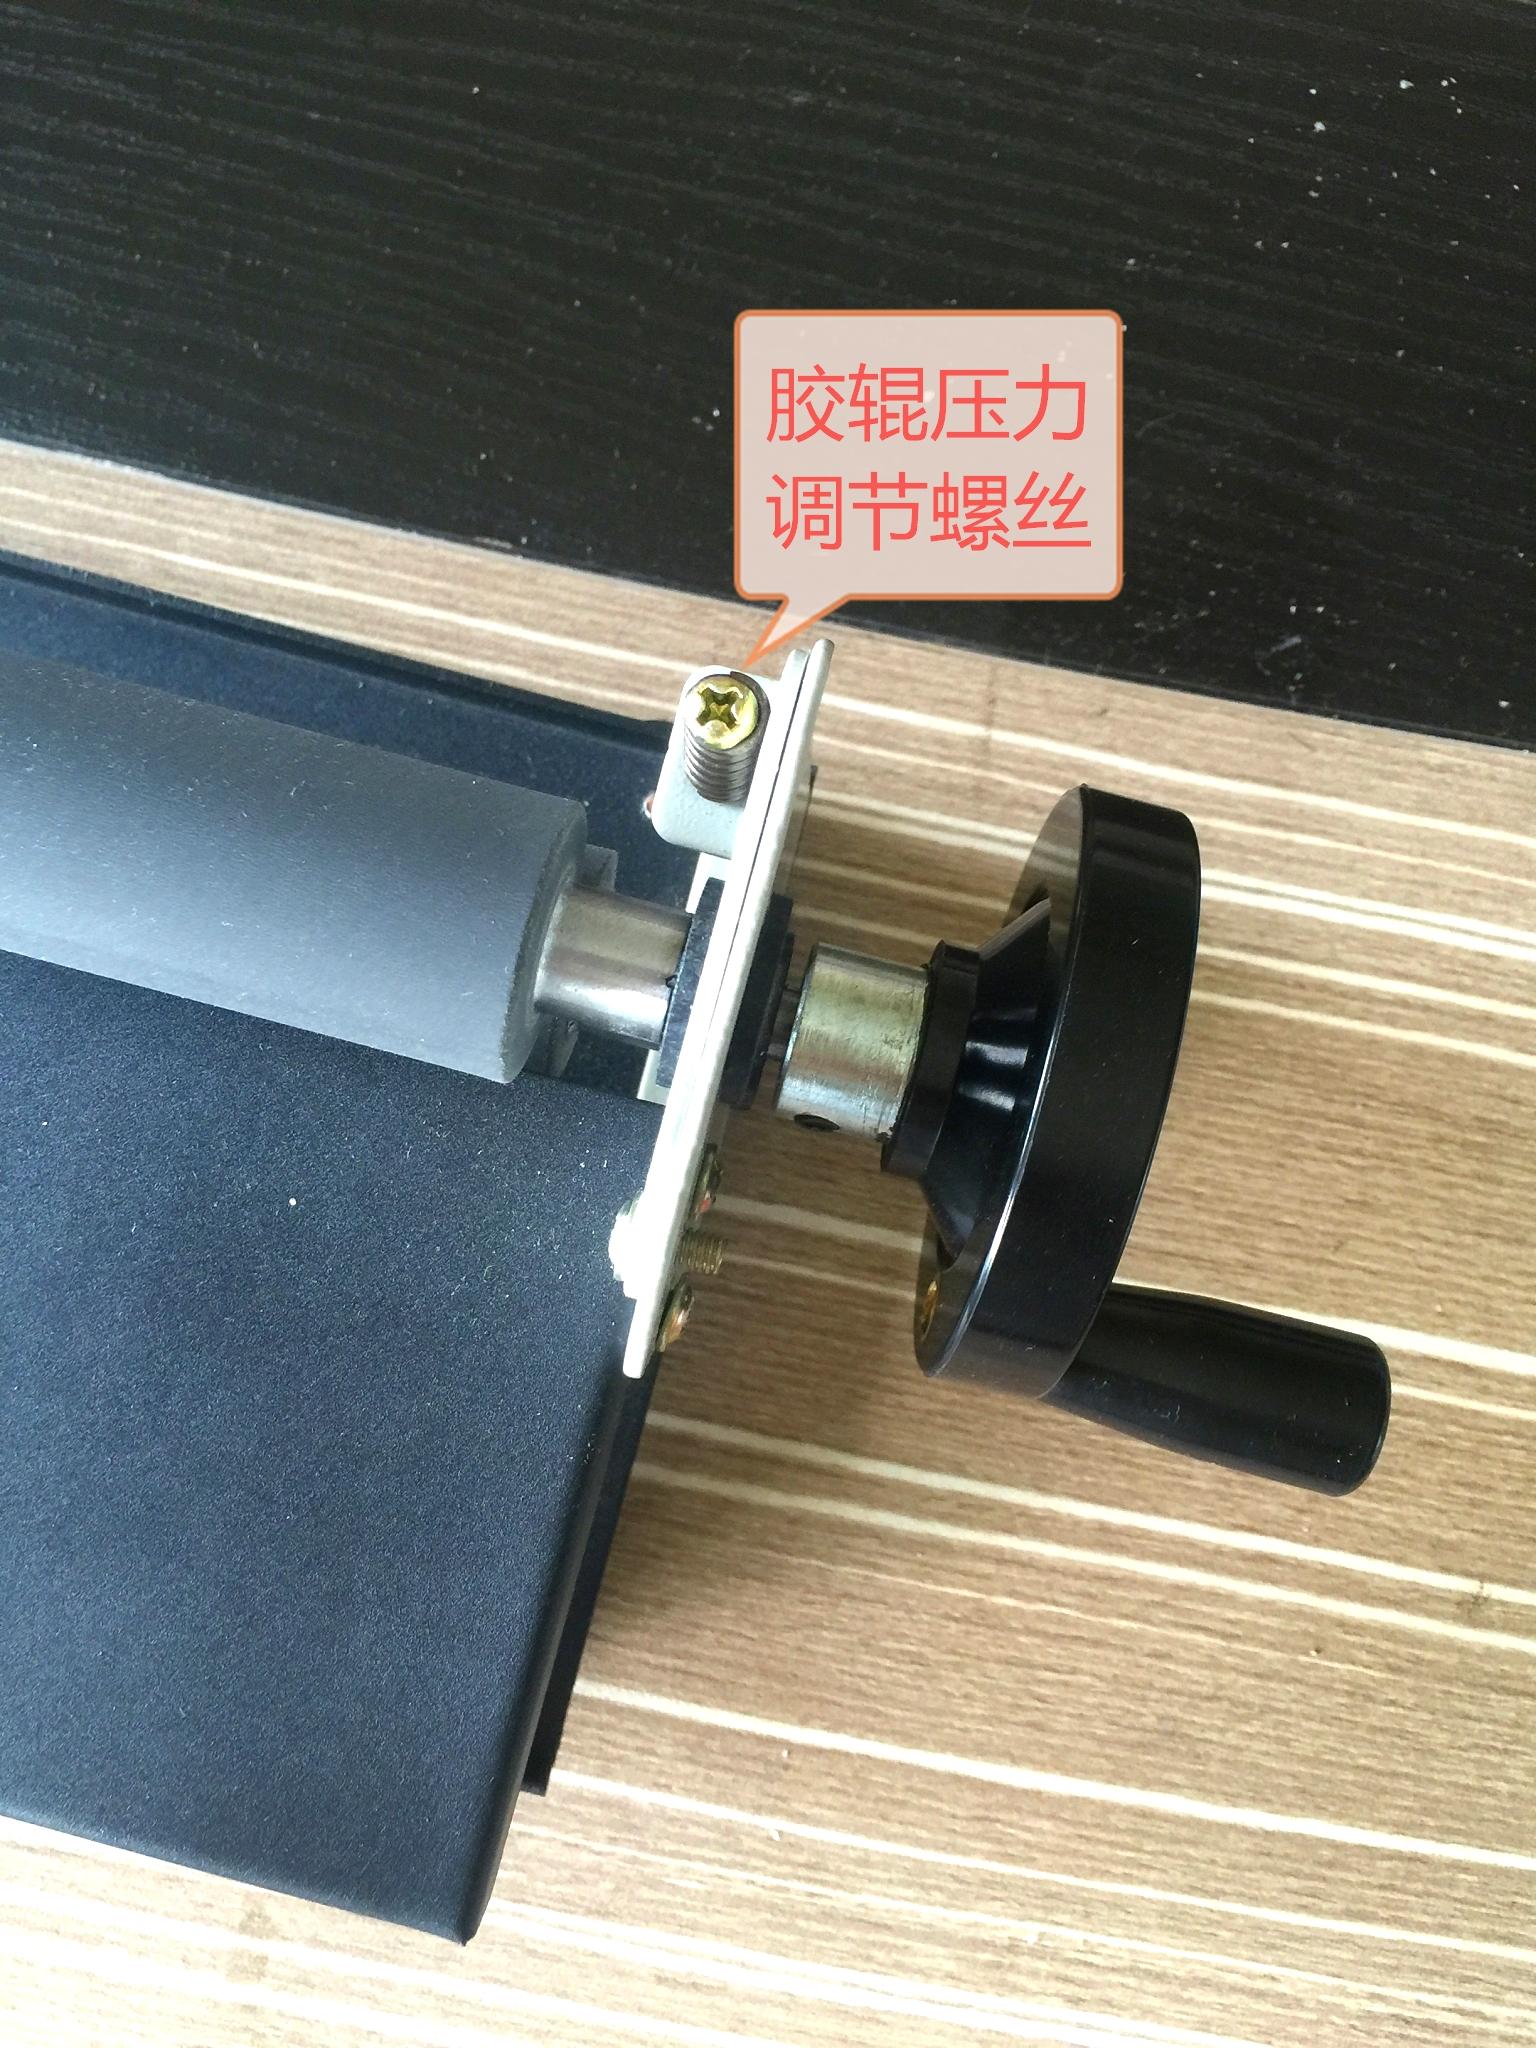 包邮A3便携式手动冷裱机14寸 360MM手摇式 桌面轻便型 操作简单